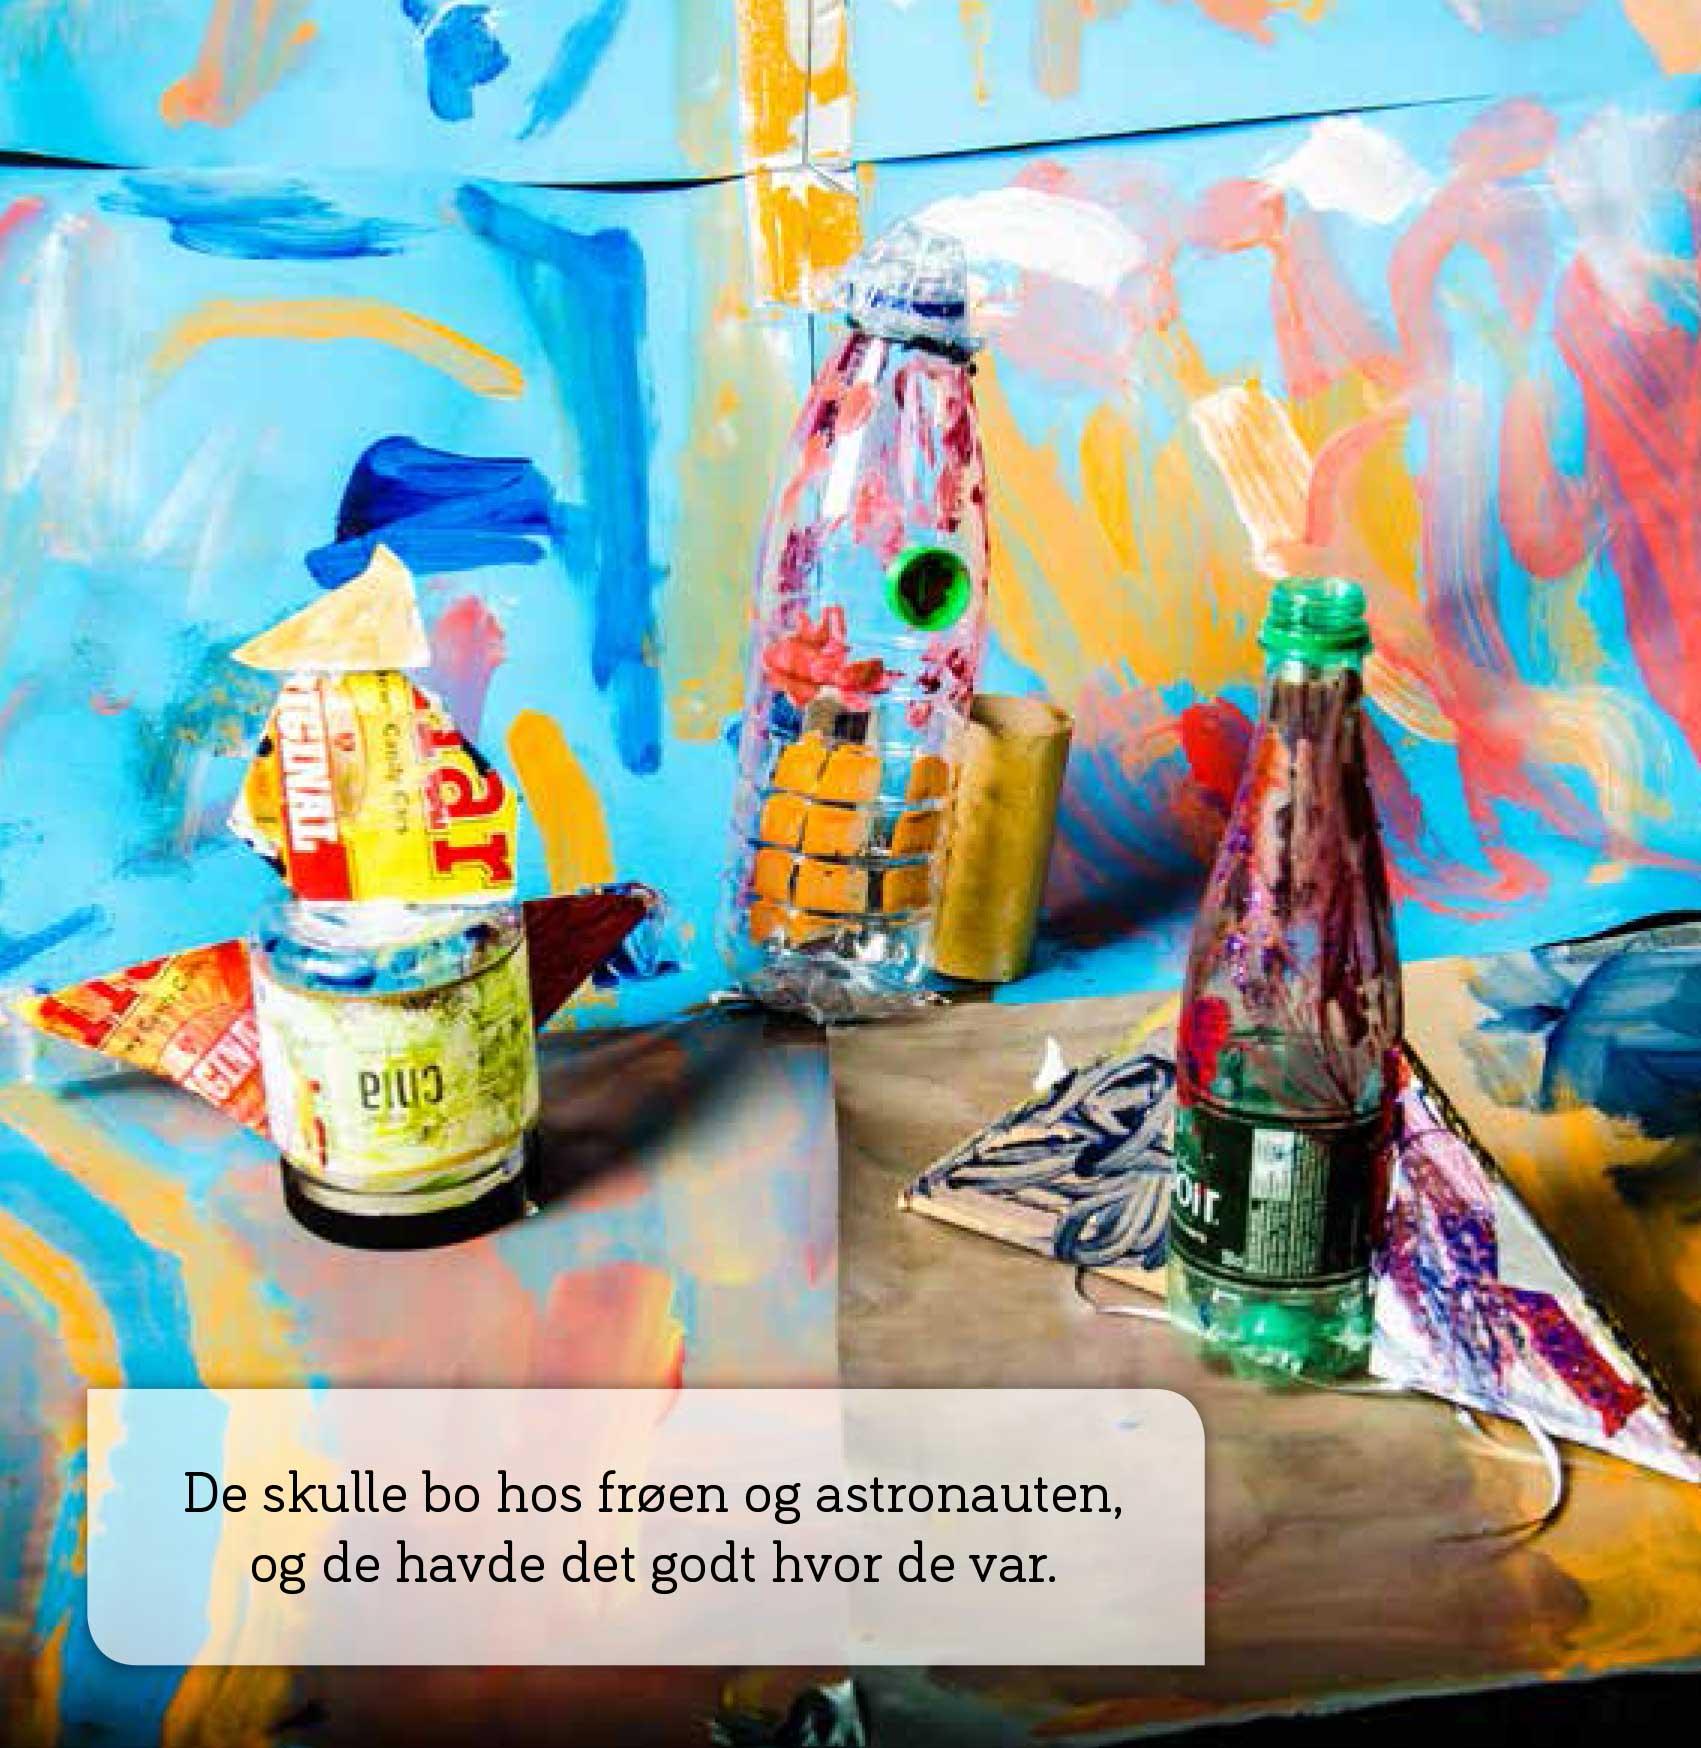 KøgeBilledskole-Rejsen-til-mars-04